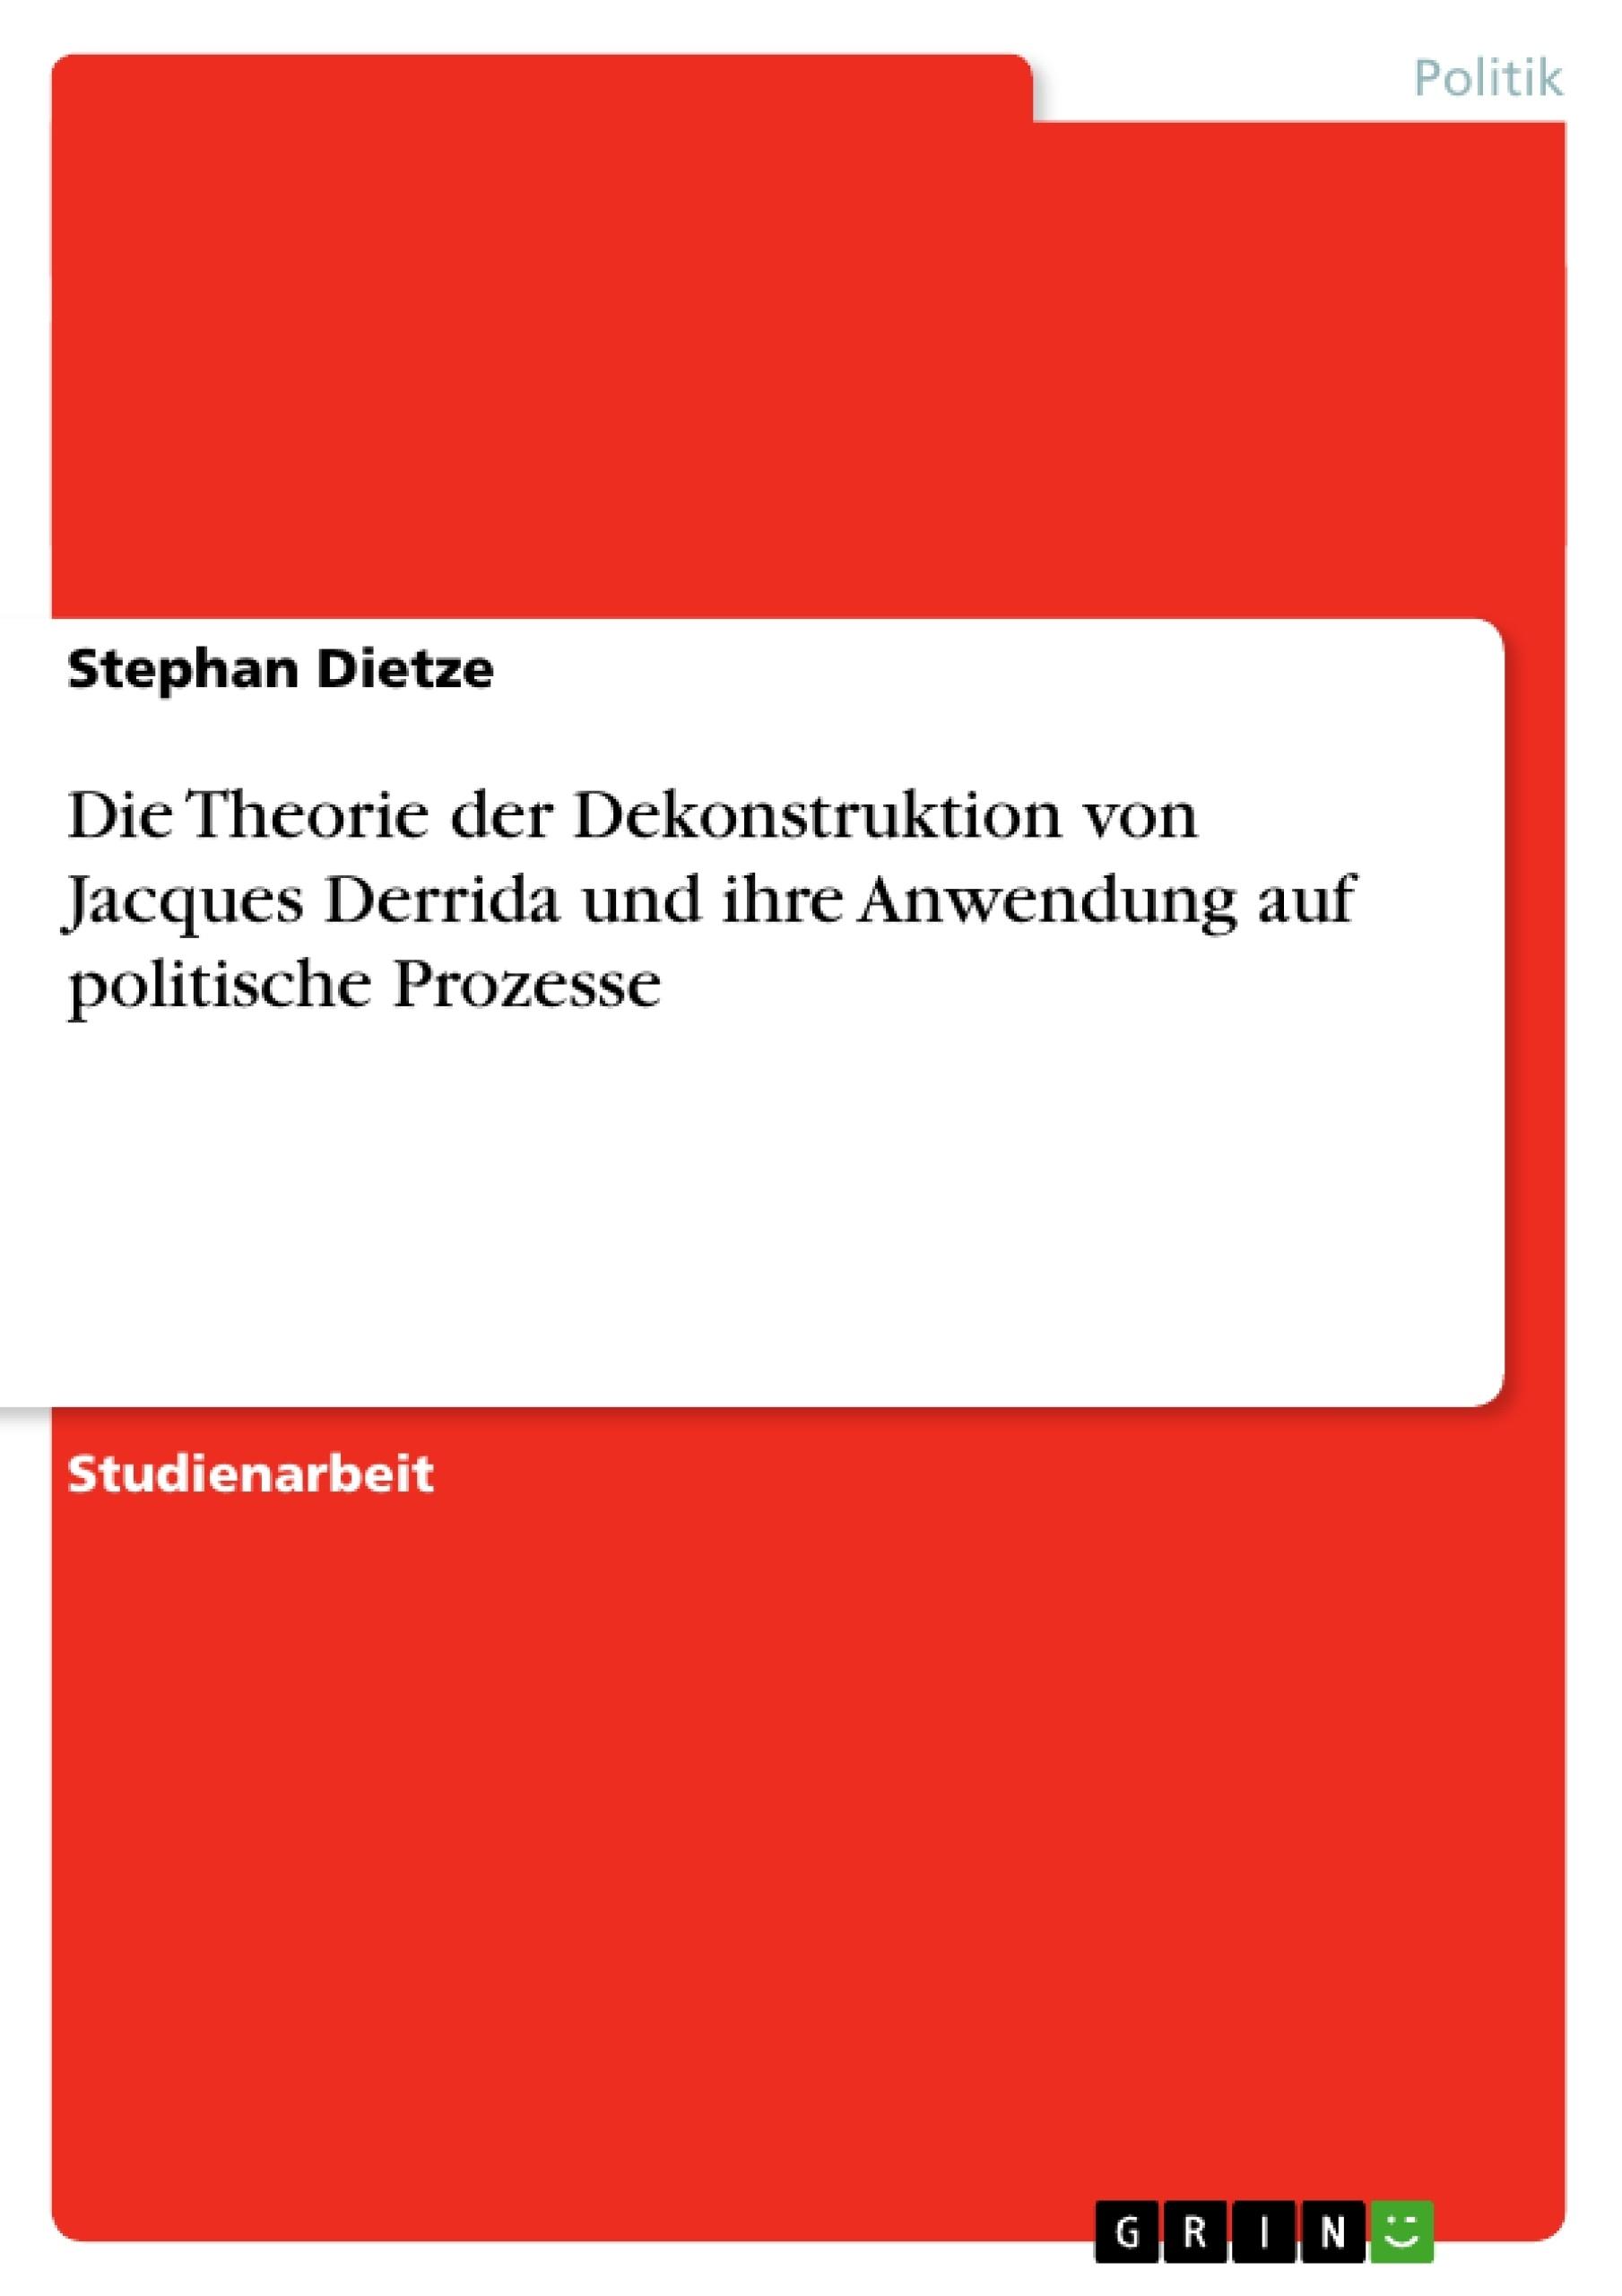 Titel: Die Theorie der Dekonstruktion von Jacques Derrida und ihre Anwendung auf politische Prozesse